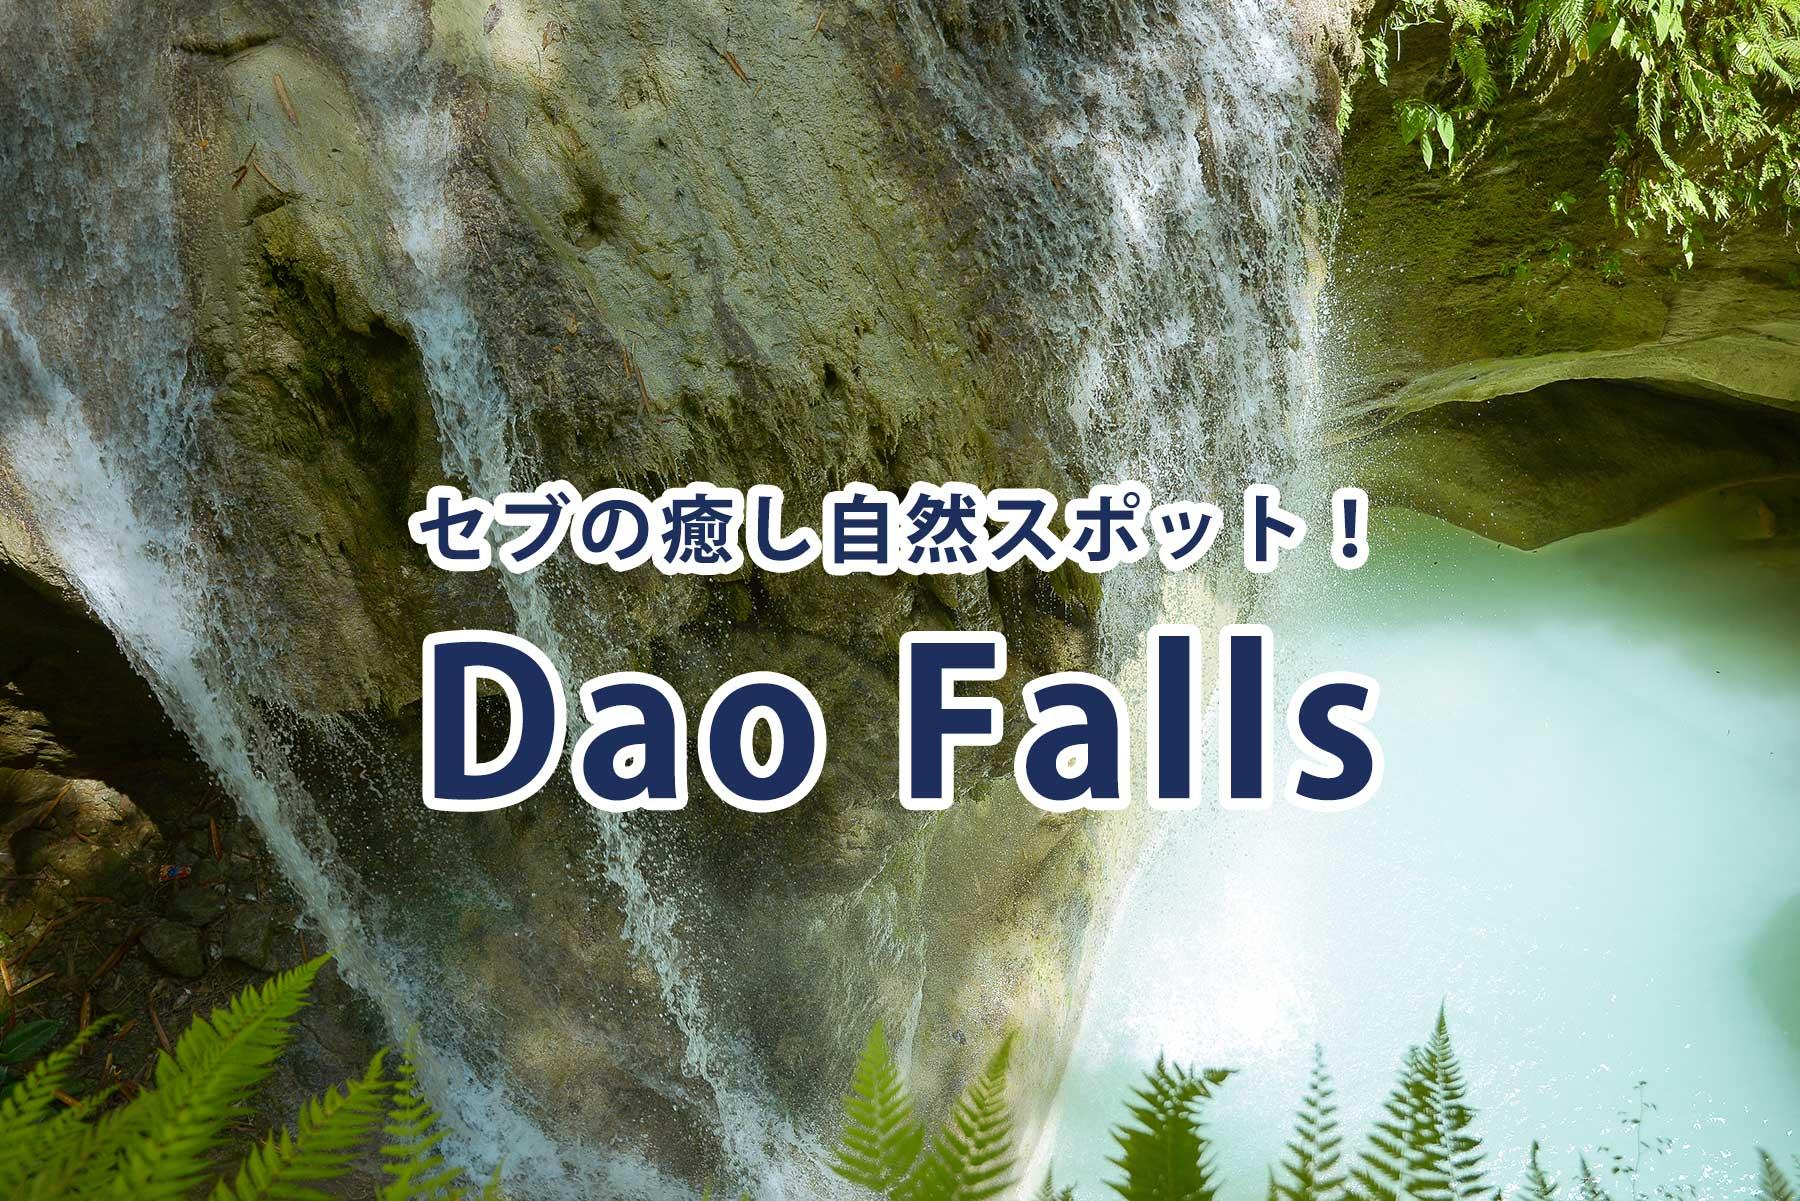 セブ島DaoFalls